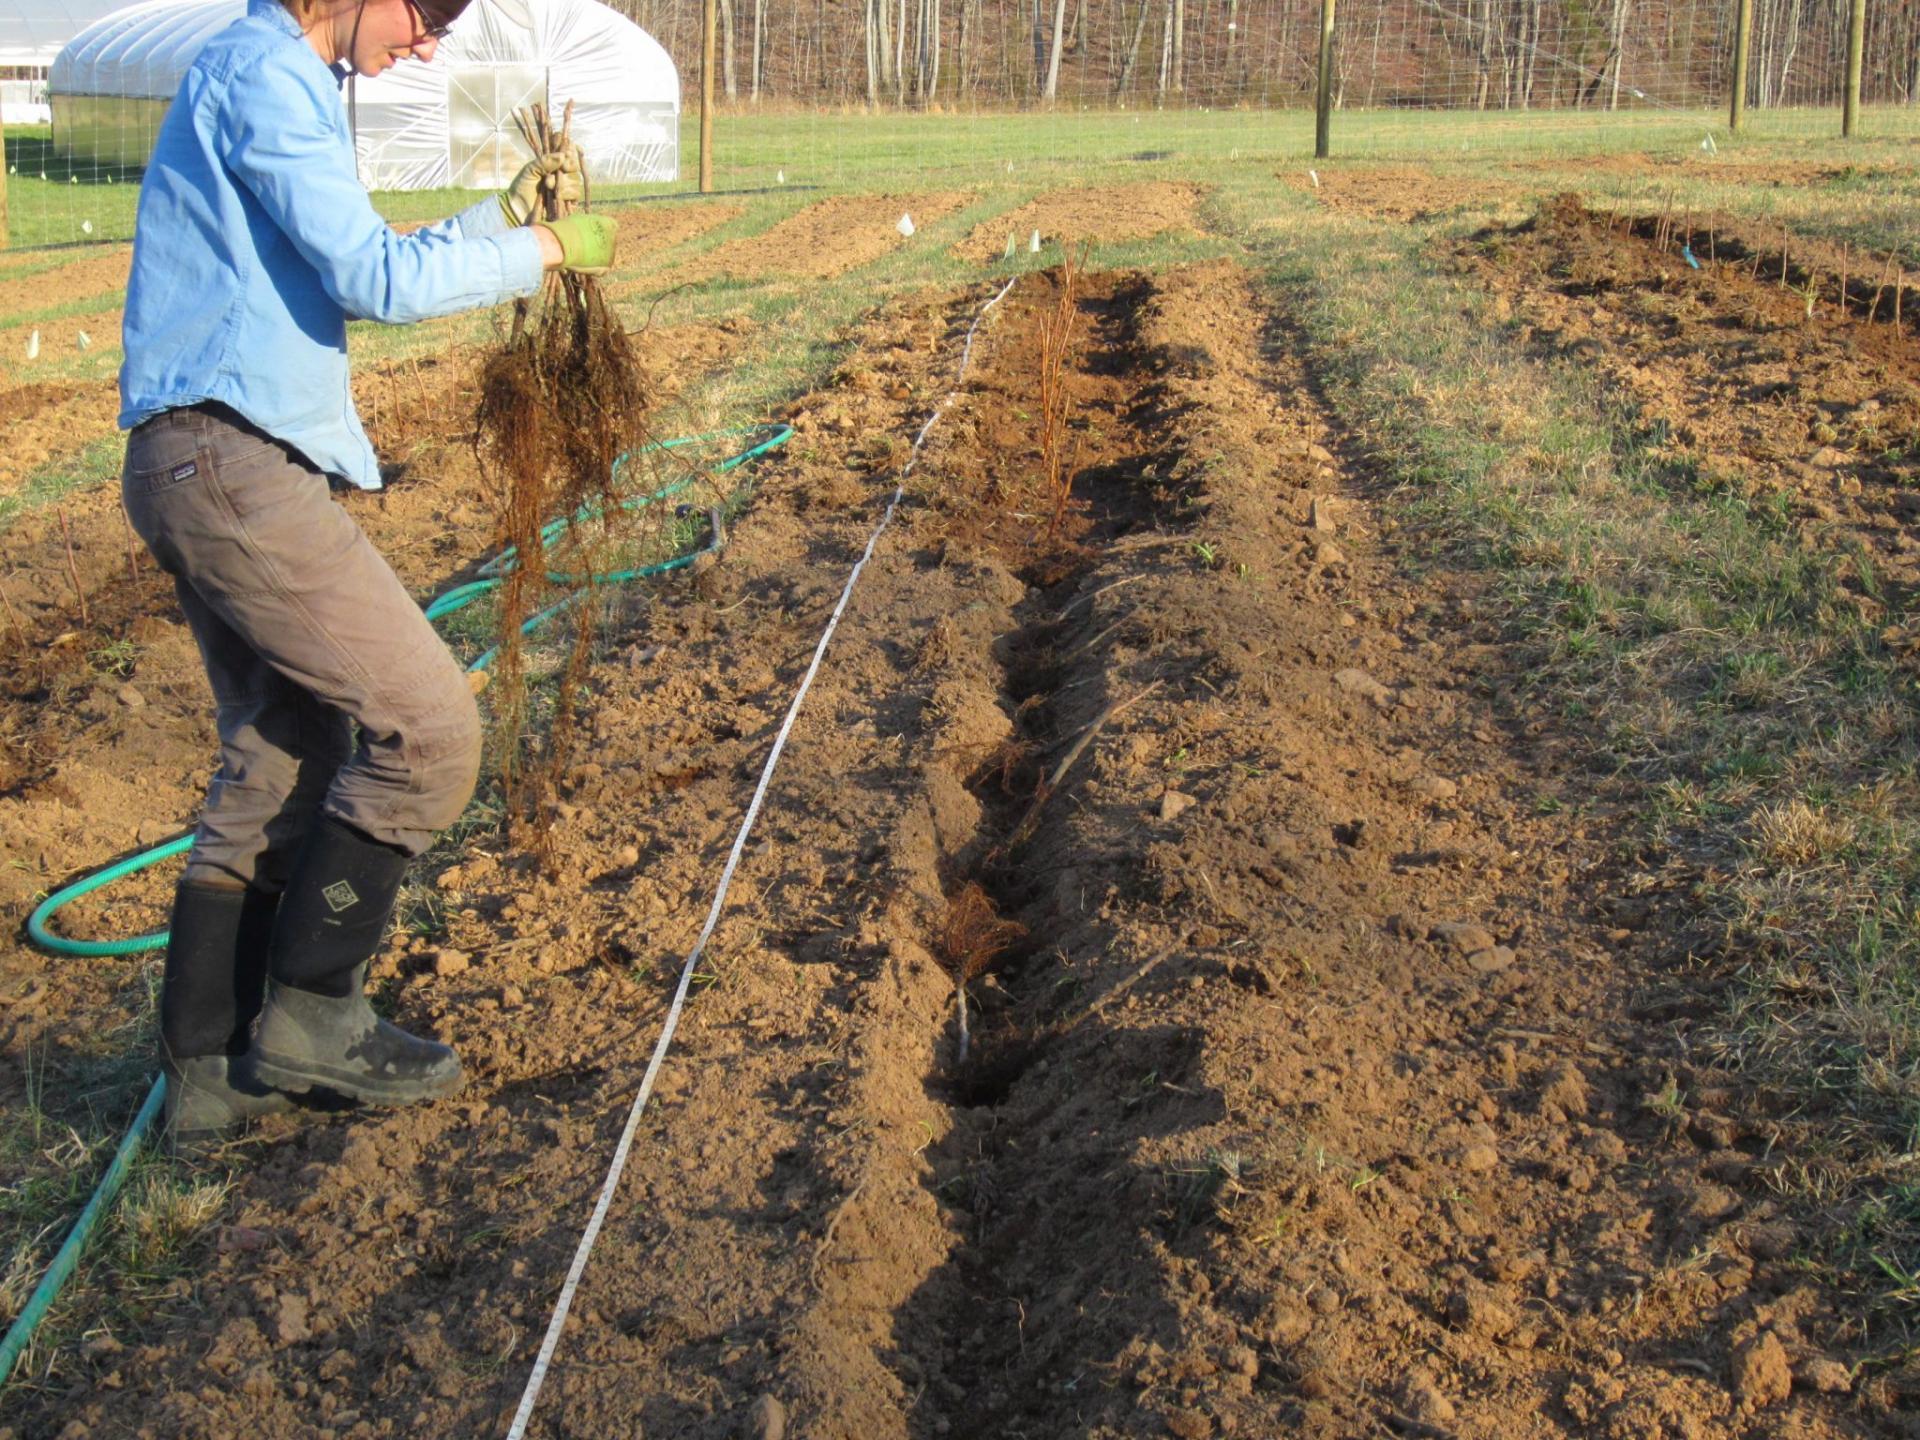 Малина Таганка: описание и характеристики, выращивание, урожайность